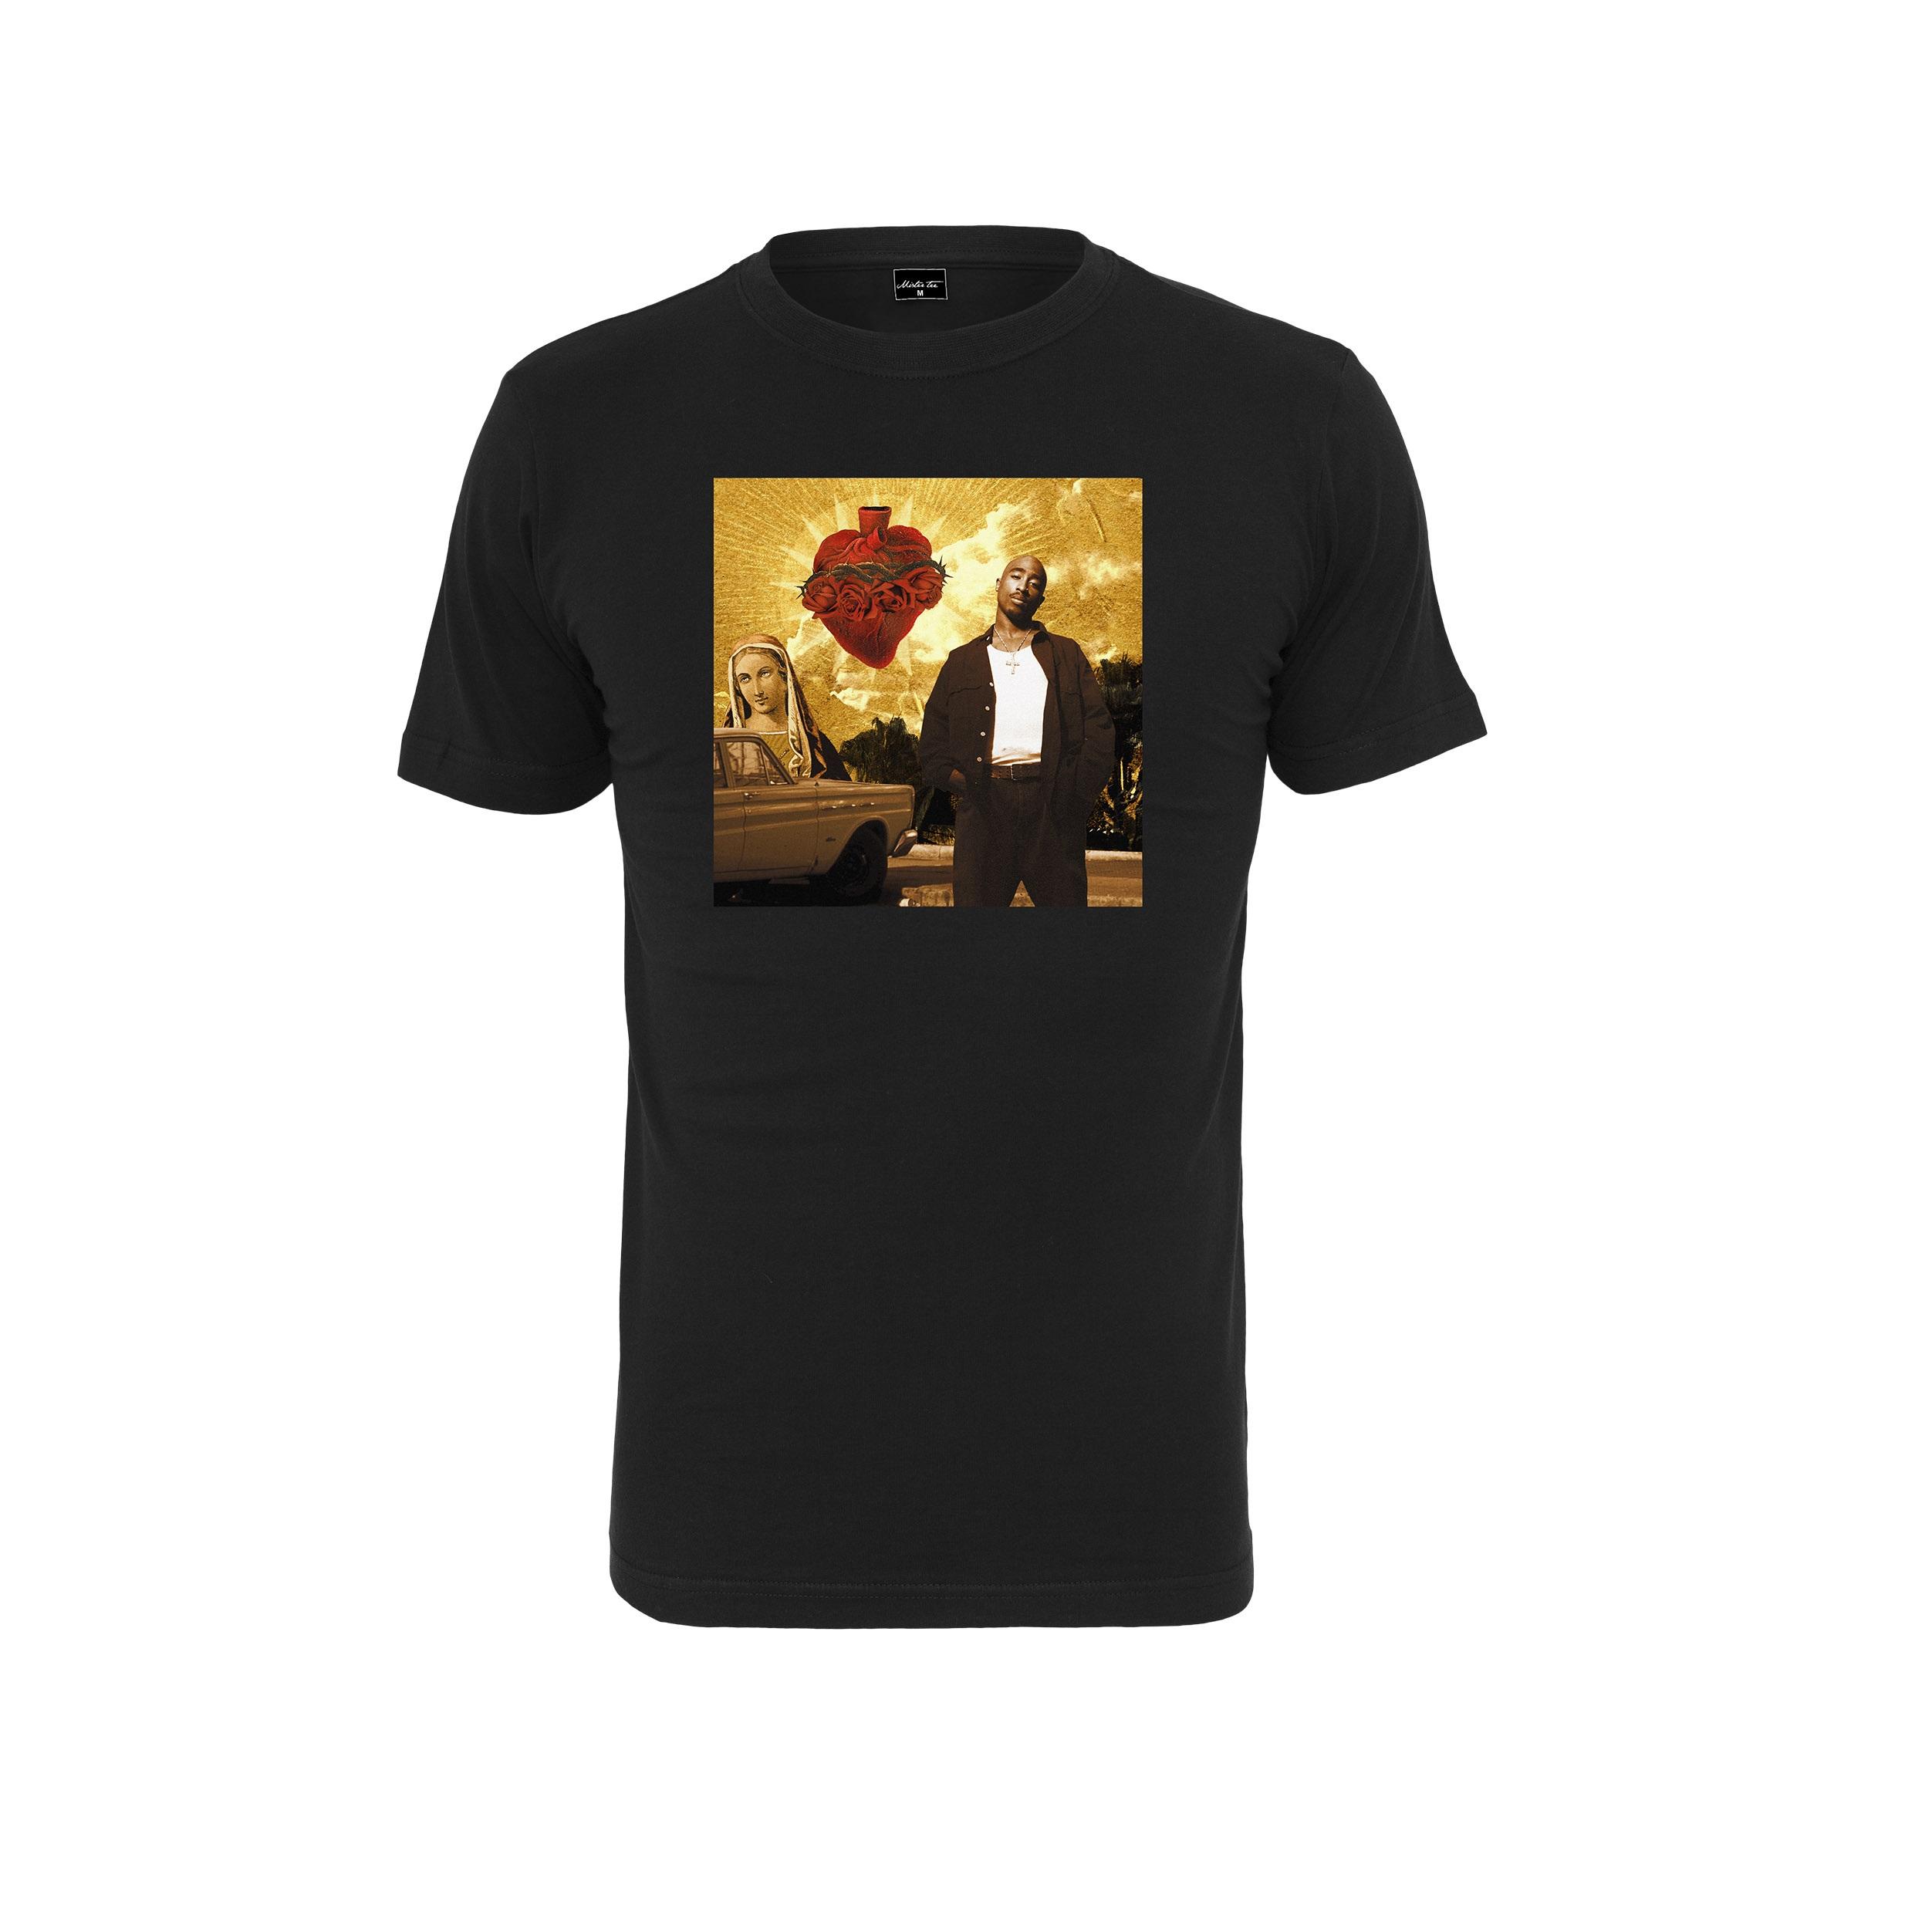 2Pac - Tričko Sacred Heart Tee - Muž, Čierna, L